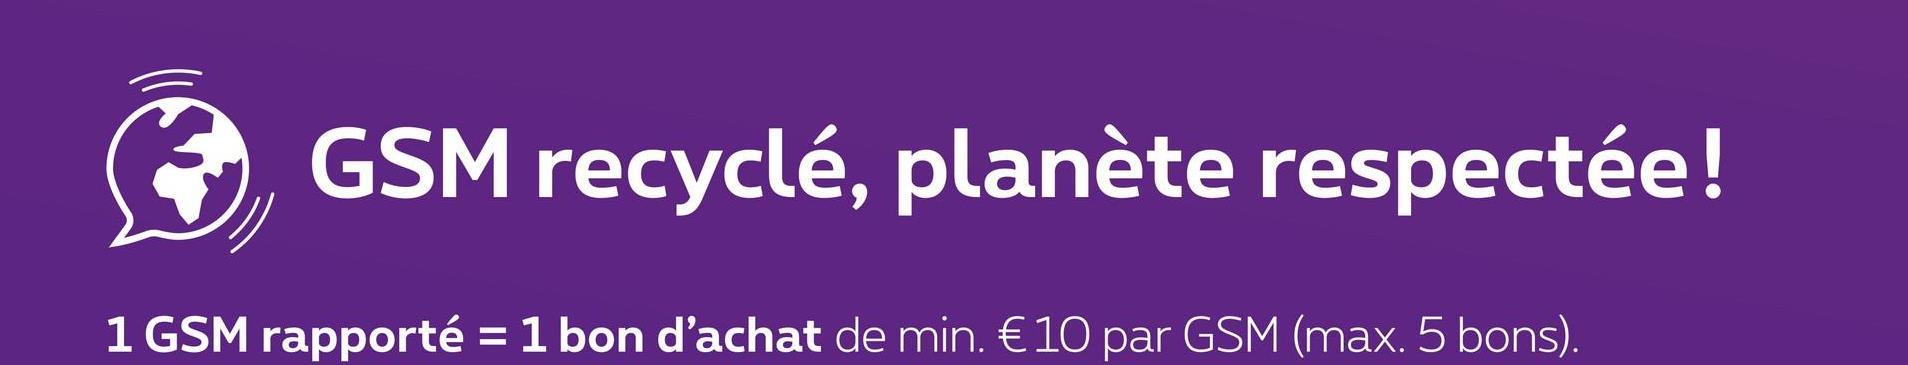 GSM recyclé, planète respectée! 1 GSM rapporté = 1 bon d'achat de min. € 10 par GSM (max. 5 bons).